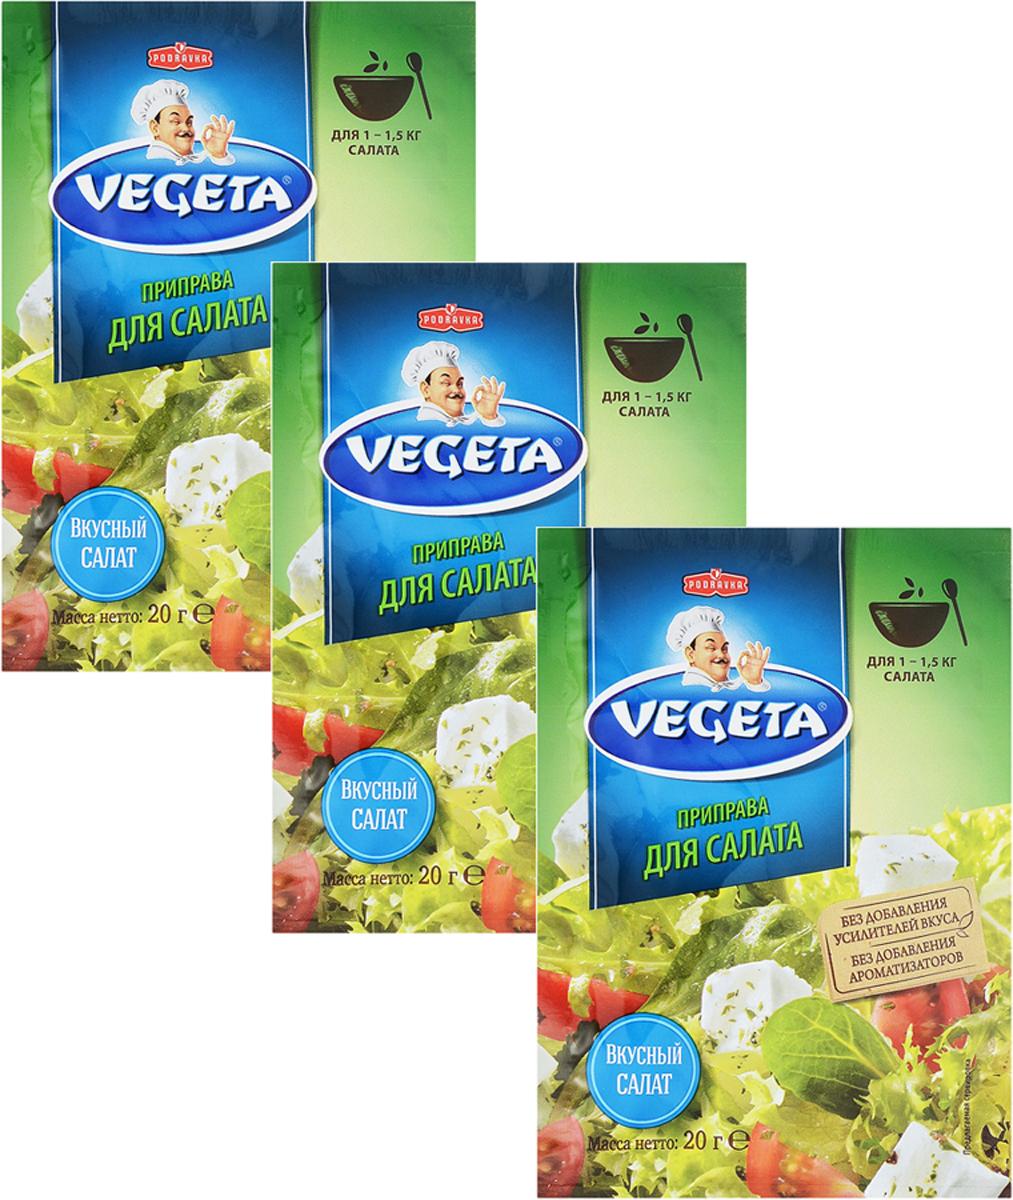 Vegeta приправа для салата, 3 пакета по 20 гAG_TZPR_P11_25_4Независимо от того, идет ли речь о хрустящем зеленом салате, о комбинации с сочными свежими помидорами или же о холодных салатах из вареных овощей - это идеальная салатная приправа, благодаря которой вы каждый раз открываете для себя что-то новое.С яблочным или бальзамическим уксусом, оливковым или тыквенным маслом любая история о салате, если в ней участвует приправа для салата Vegeta имеет счастливый конец! Роскошный, вкусный и неотразимый салат.Практичное и быстрое приготовление заправки для салата.Уважаемые клиенты! Обращаем ваше внимание, что полный перечень состава продукта представлен на дополнительном изображении.